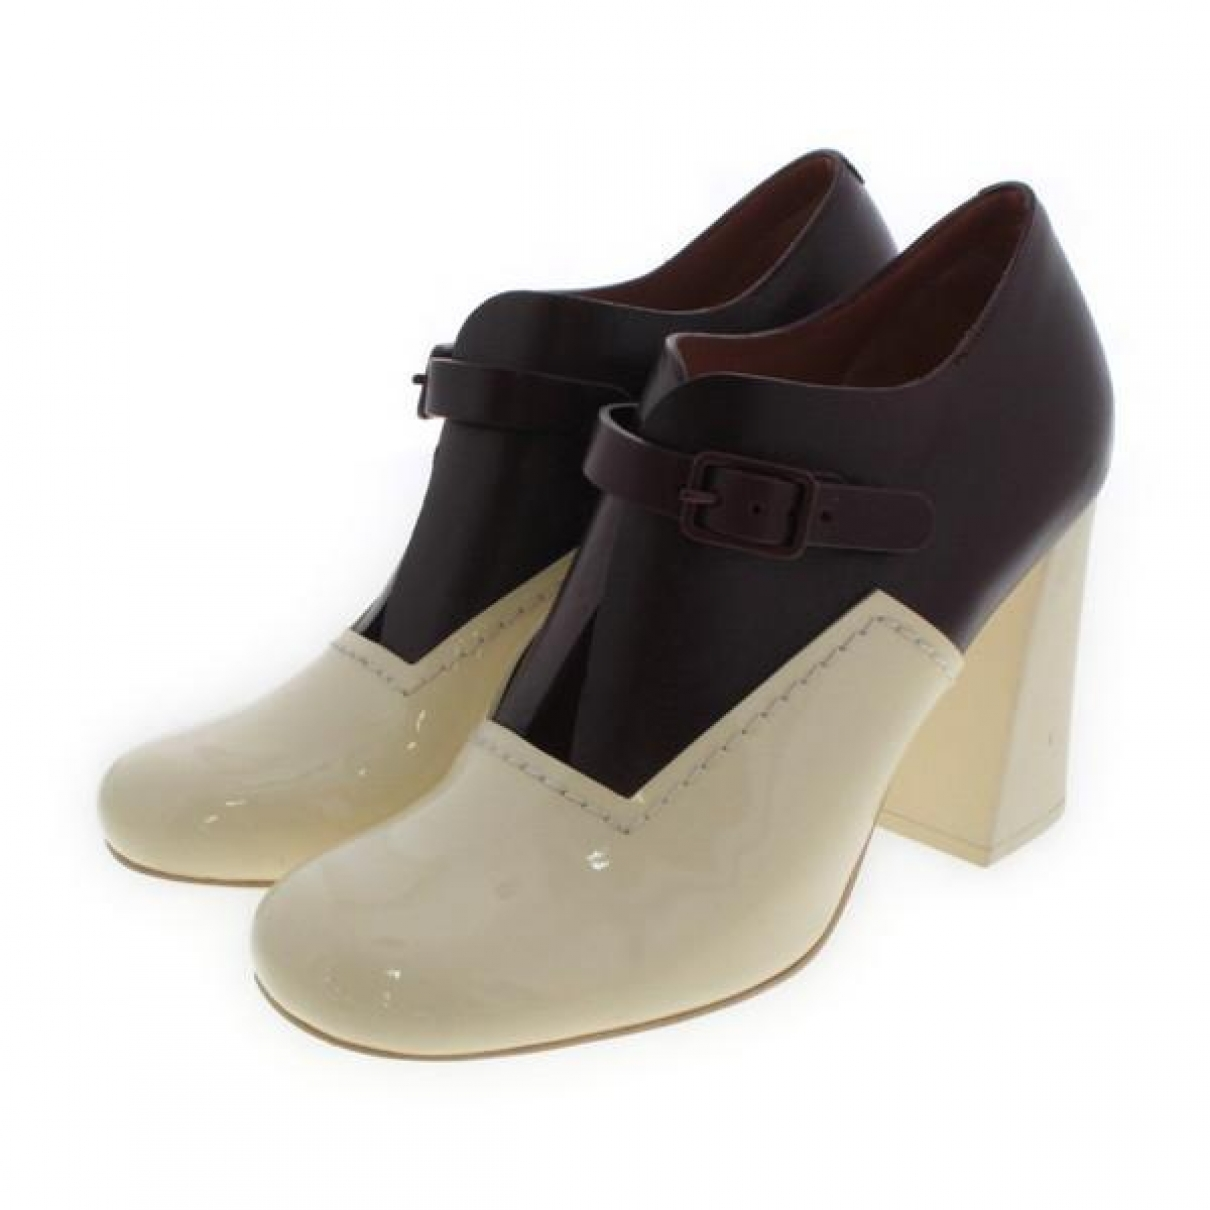 Celine - Boots   pour femme en cuir verni - ecru